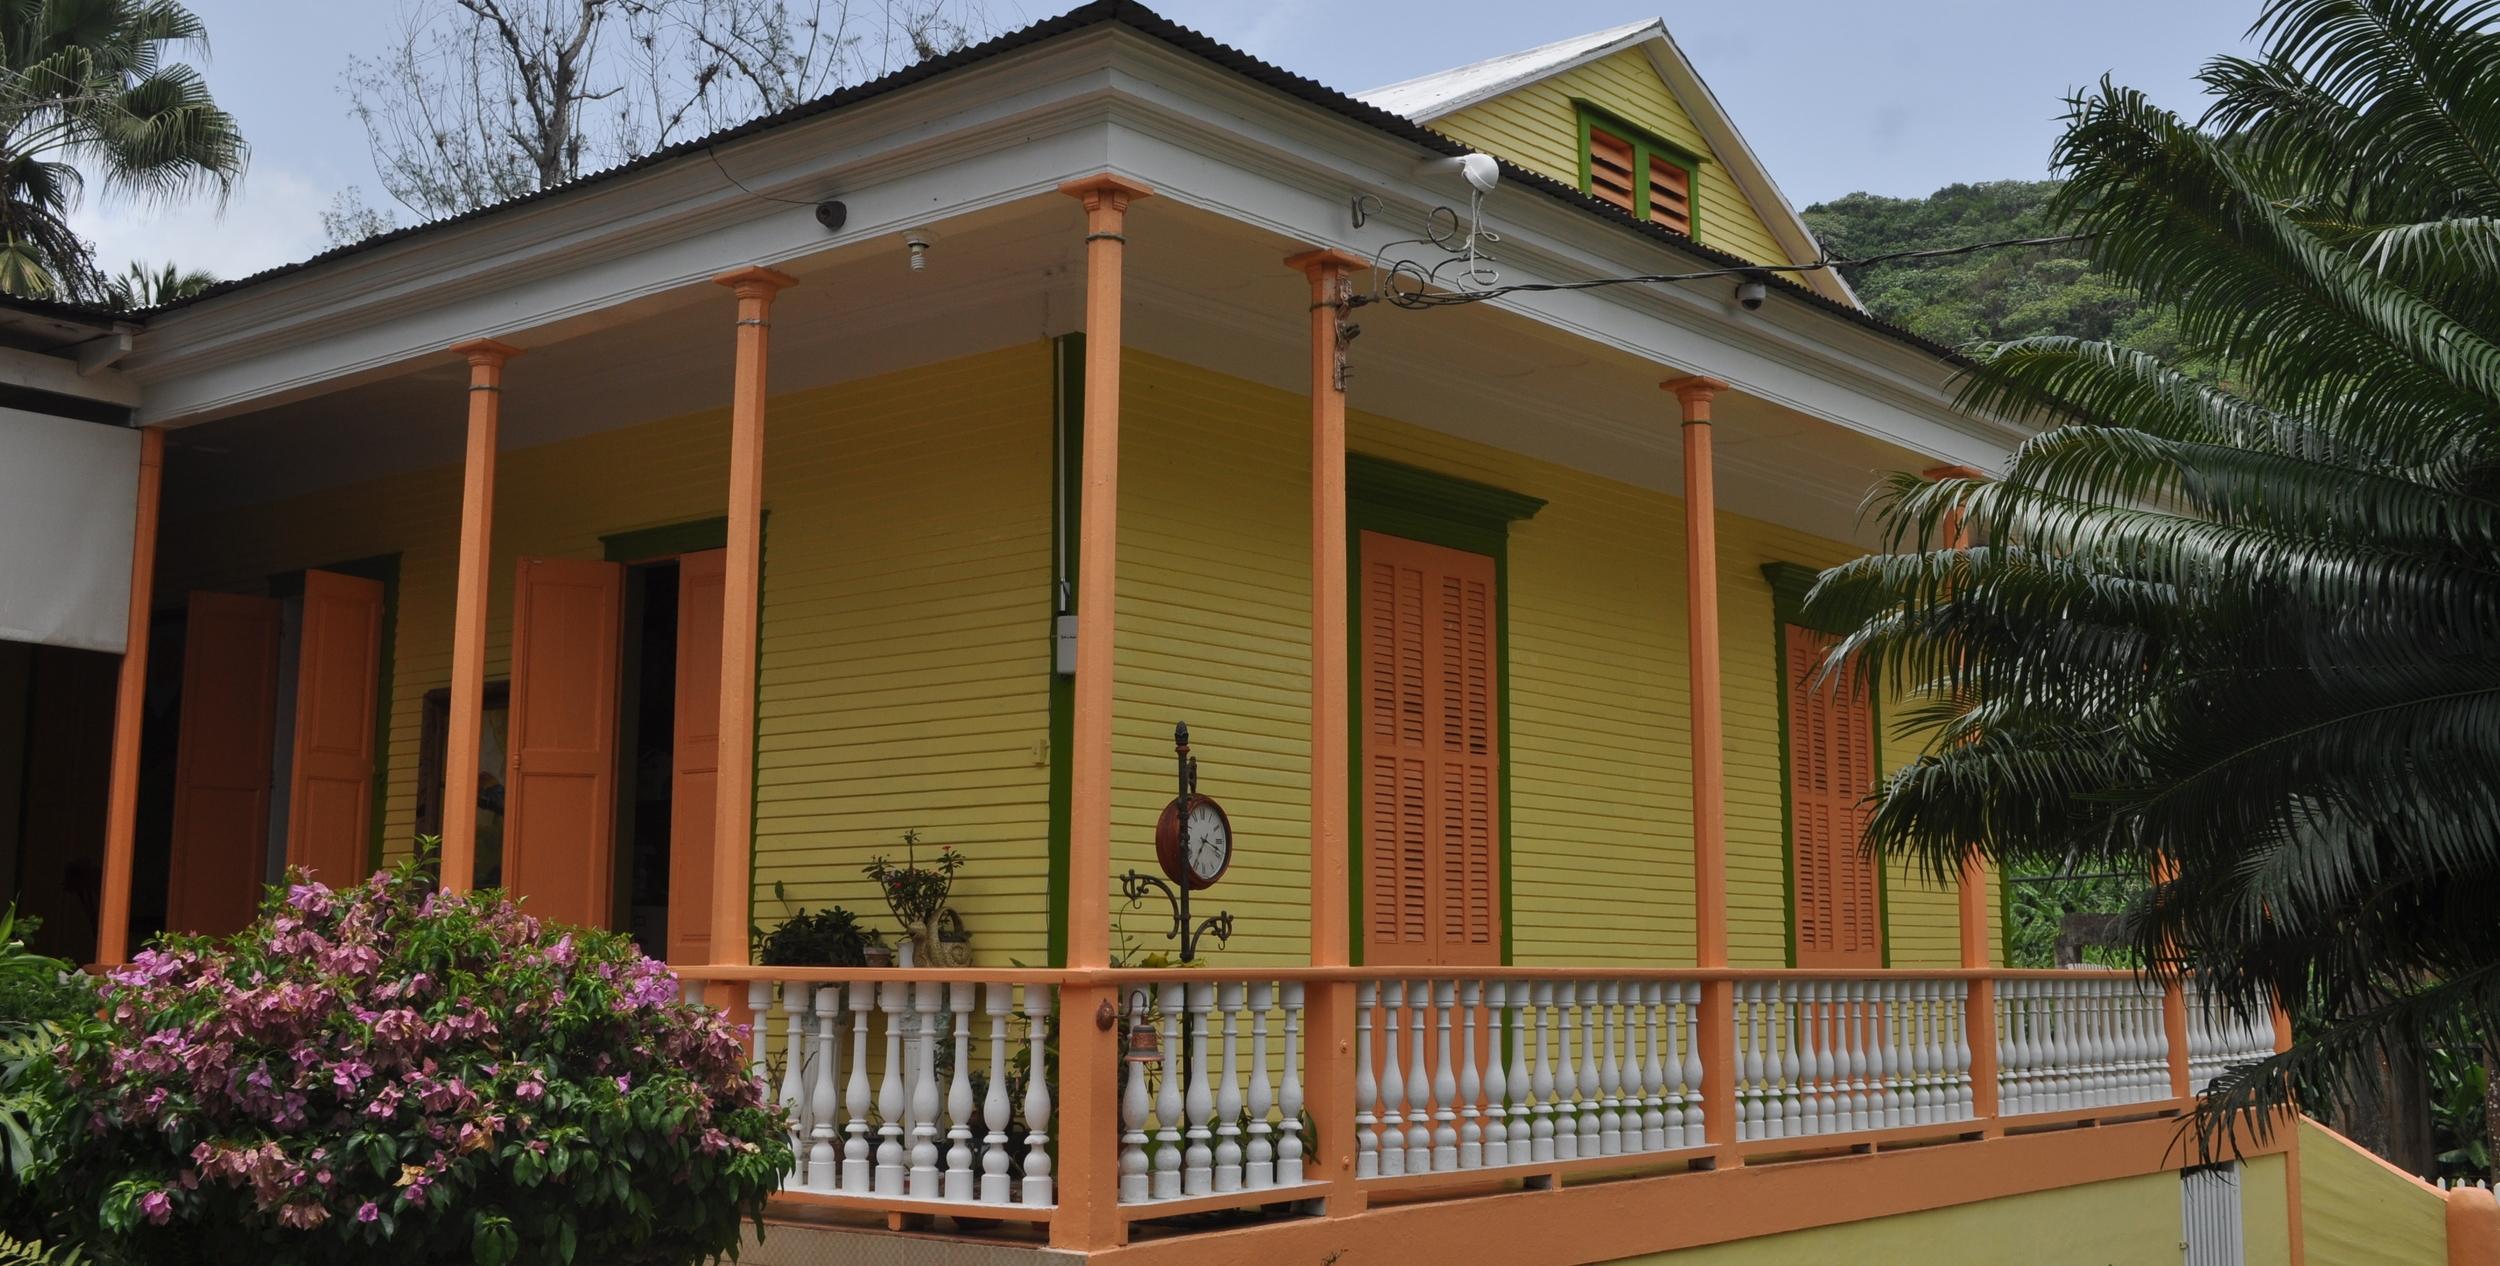 La Hacienda Luz de Luna está localizada en el barrio Yahuecas de Adjuntas. Foto: Pamy Rojas